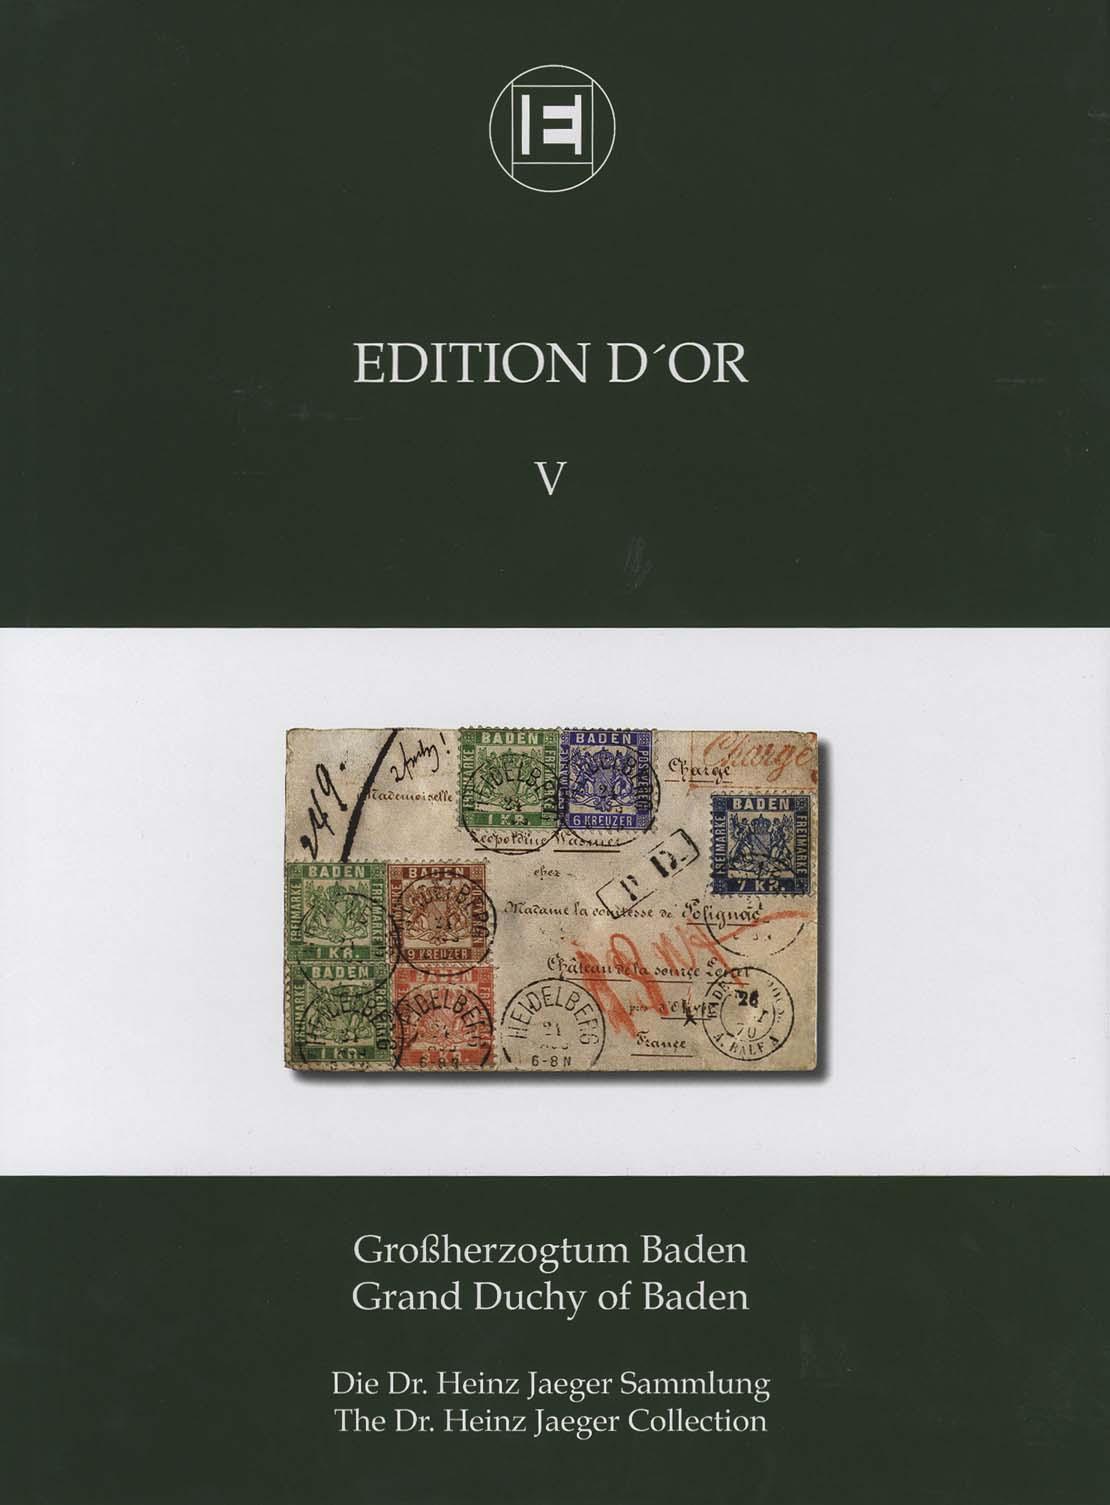 Band 5: Großherzogtum Baden • Die Dr. Heinz Jaeger Sammlung